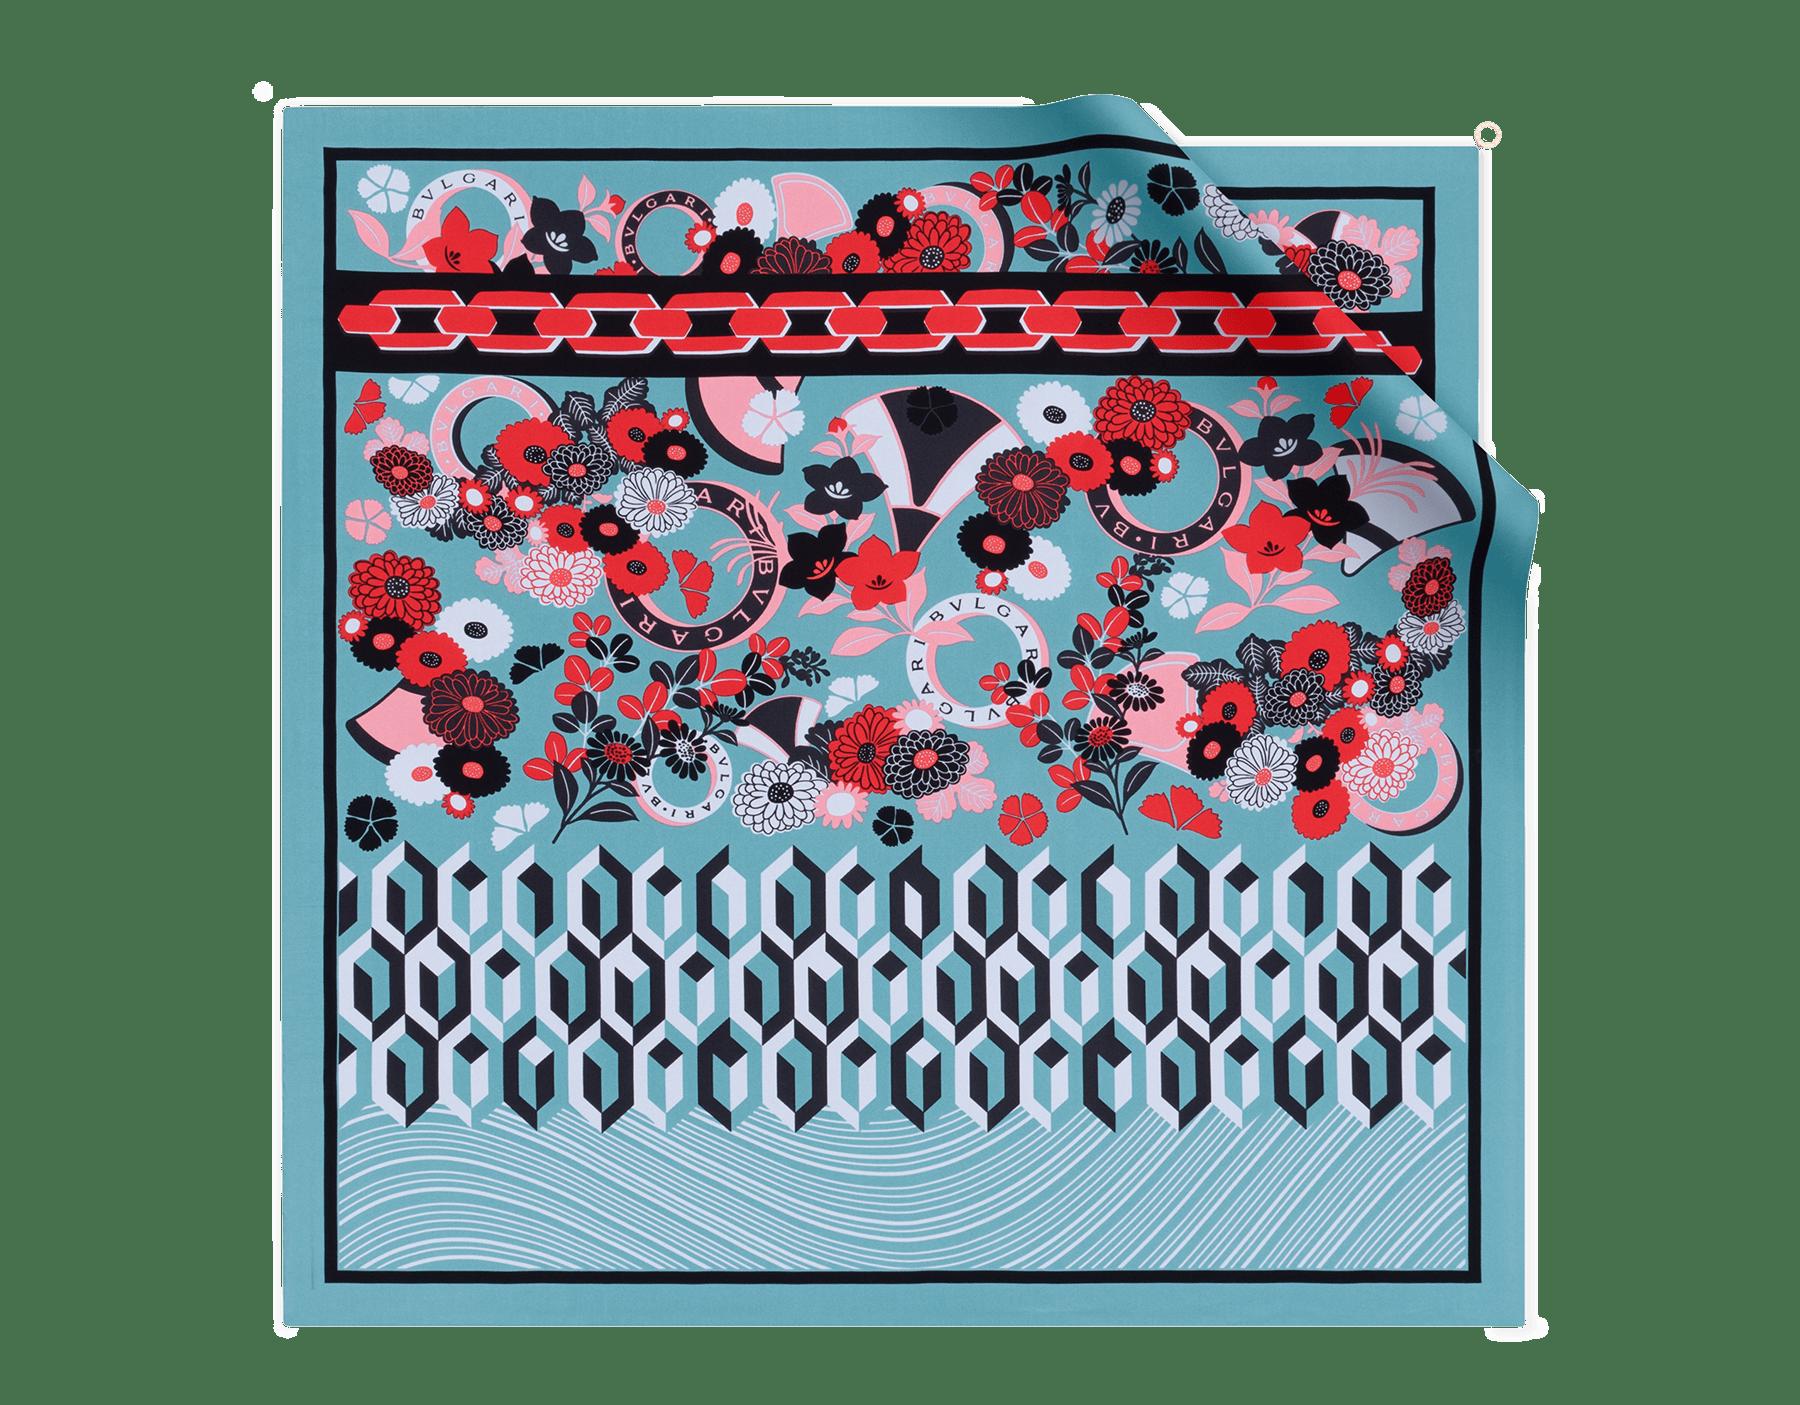 Платок Flower Patch цвета арктического нефрита, тонкая шелковая саржа. 243937 image 1